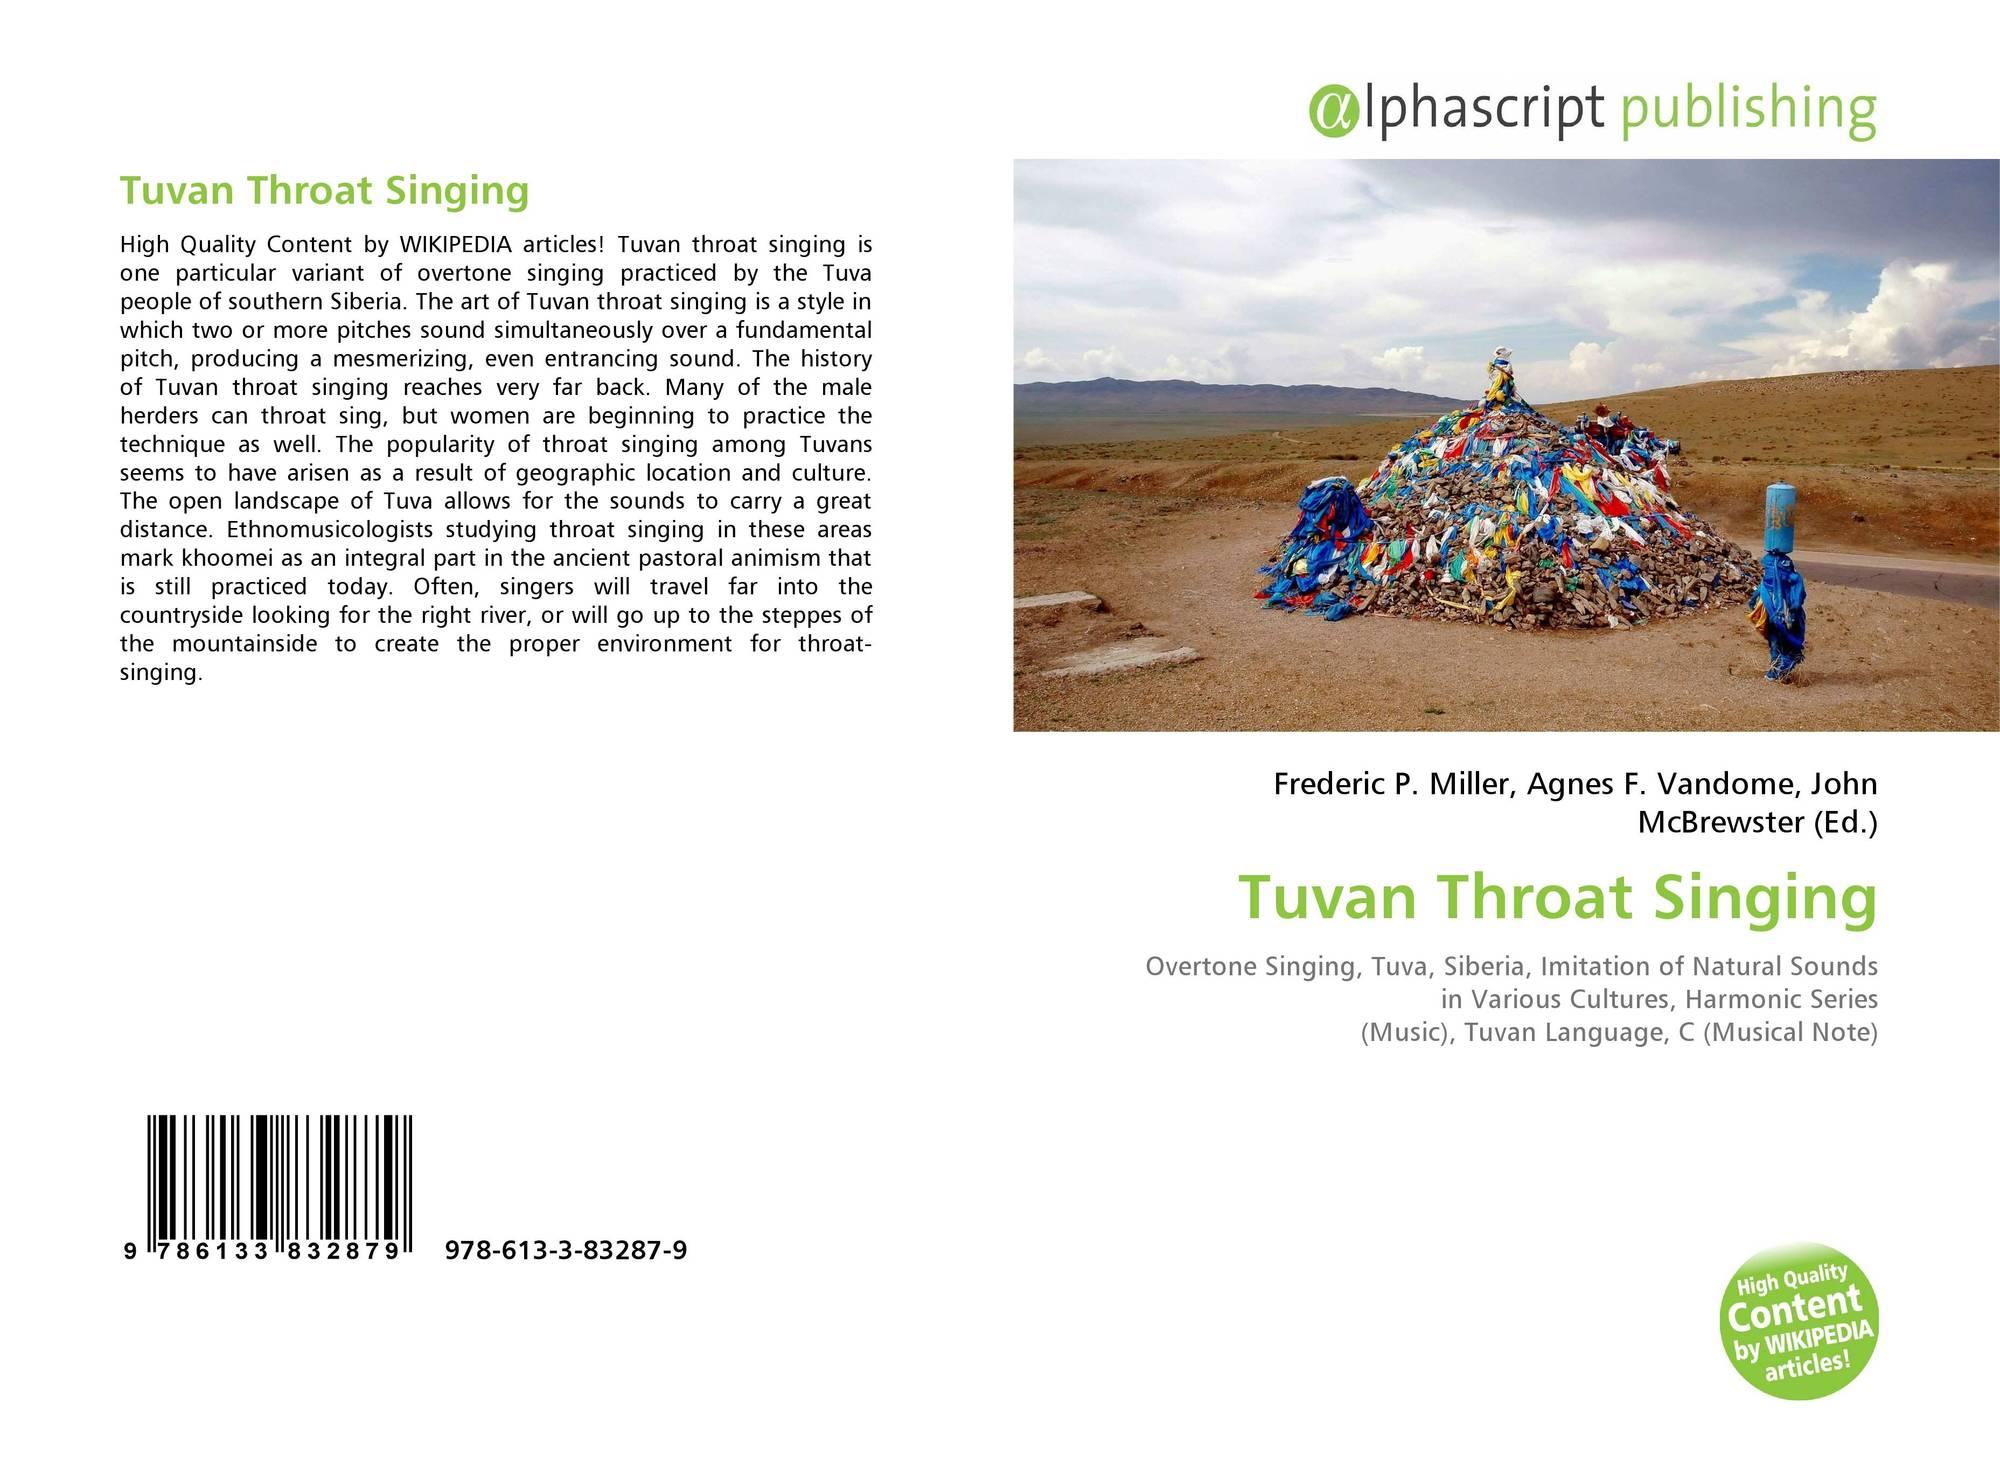 Tuvan Throat Singing, 978-613-3-83287-9, 6133832878